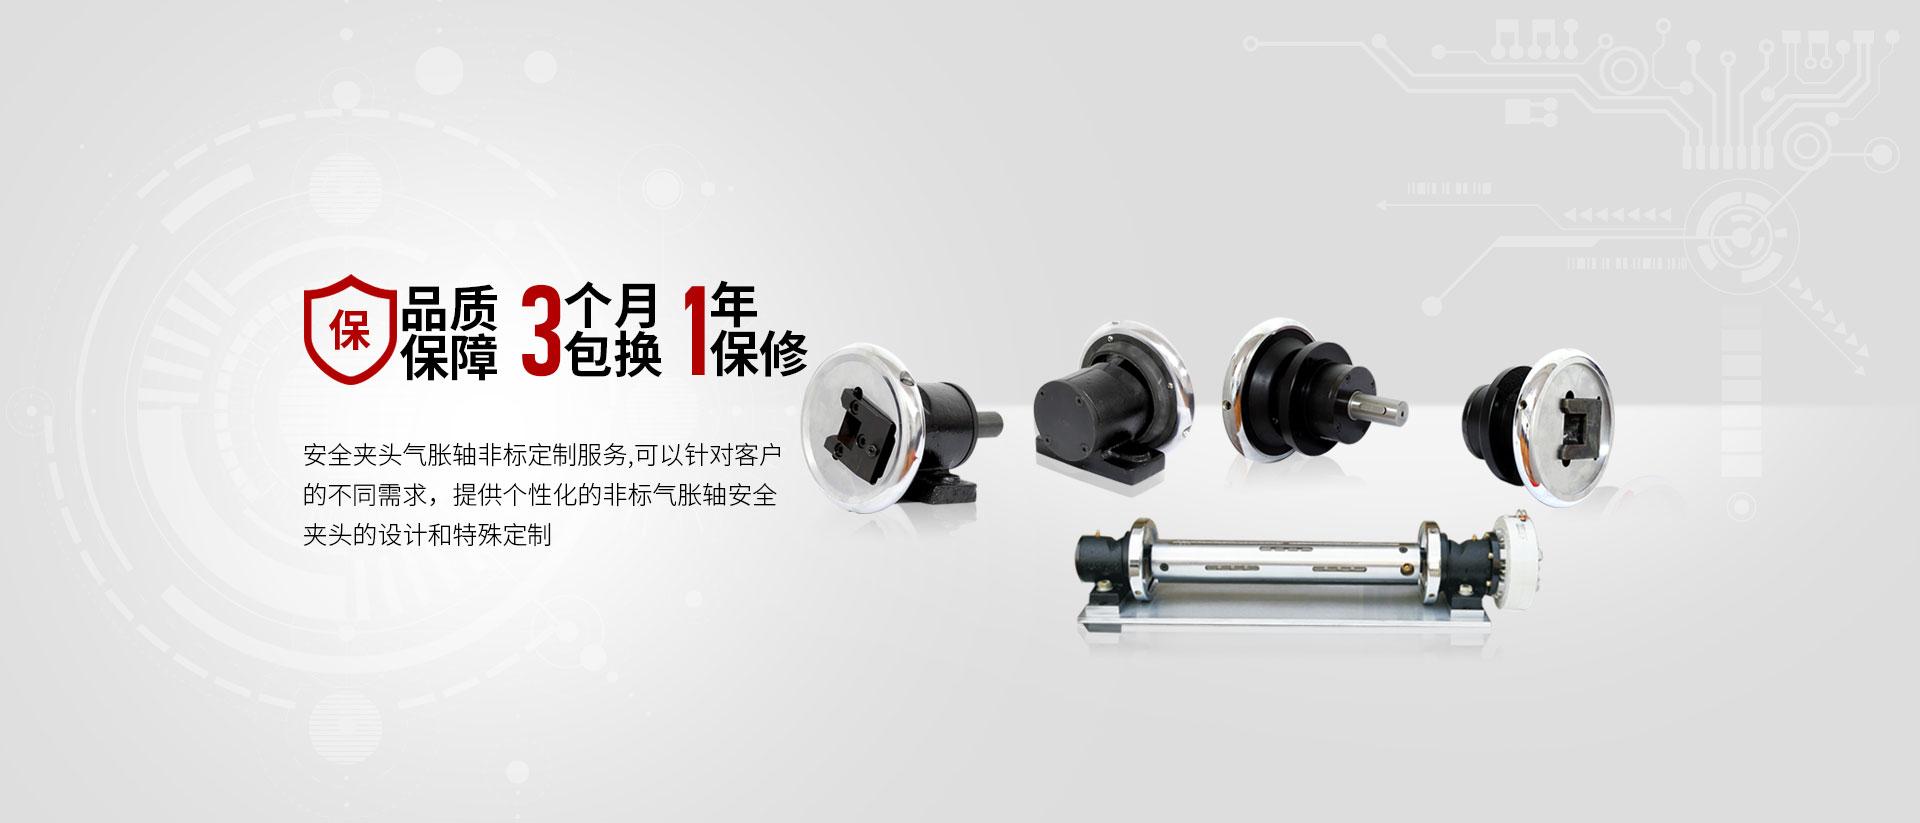 广东铝合金气胀轴(气涨轴)构造原理及特性